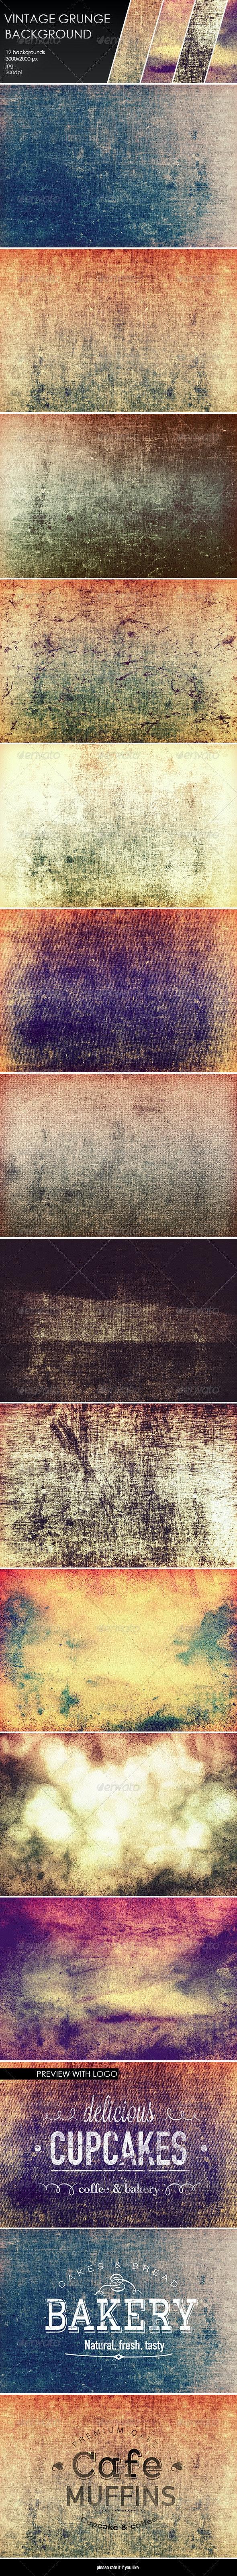 12 Vintage Grunge Backgrounds - Backgrounds Graphics